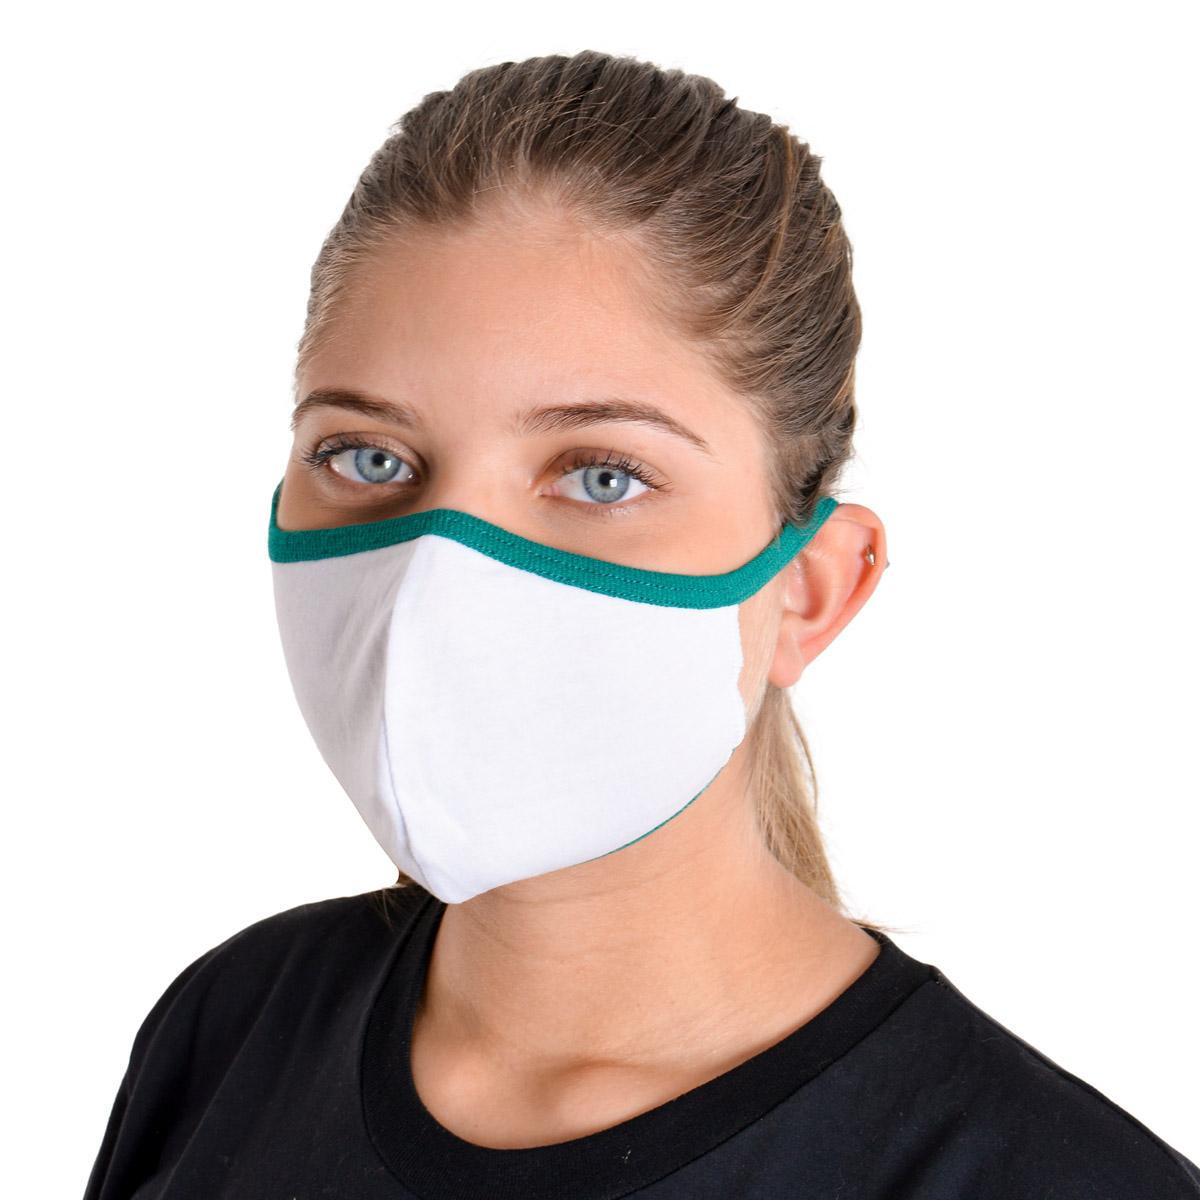 Kit com 10 Máscaras de Proteção Ninja em Tecido de Algodão Reutilizável